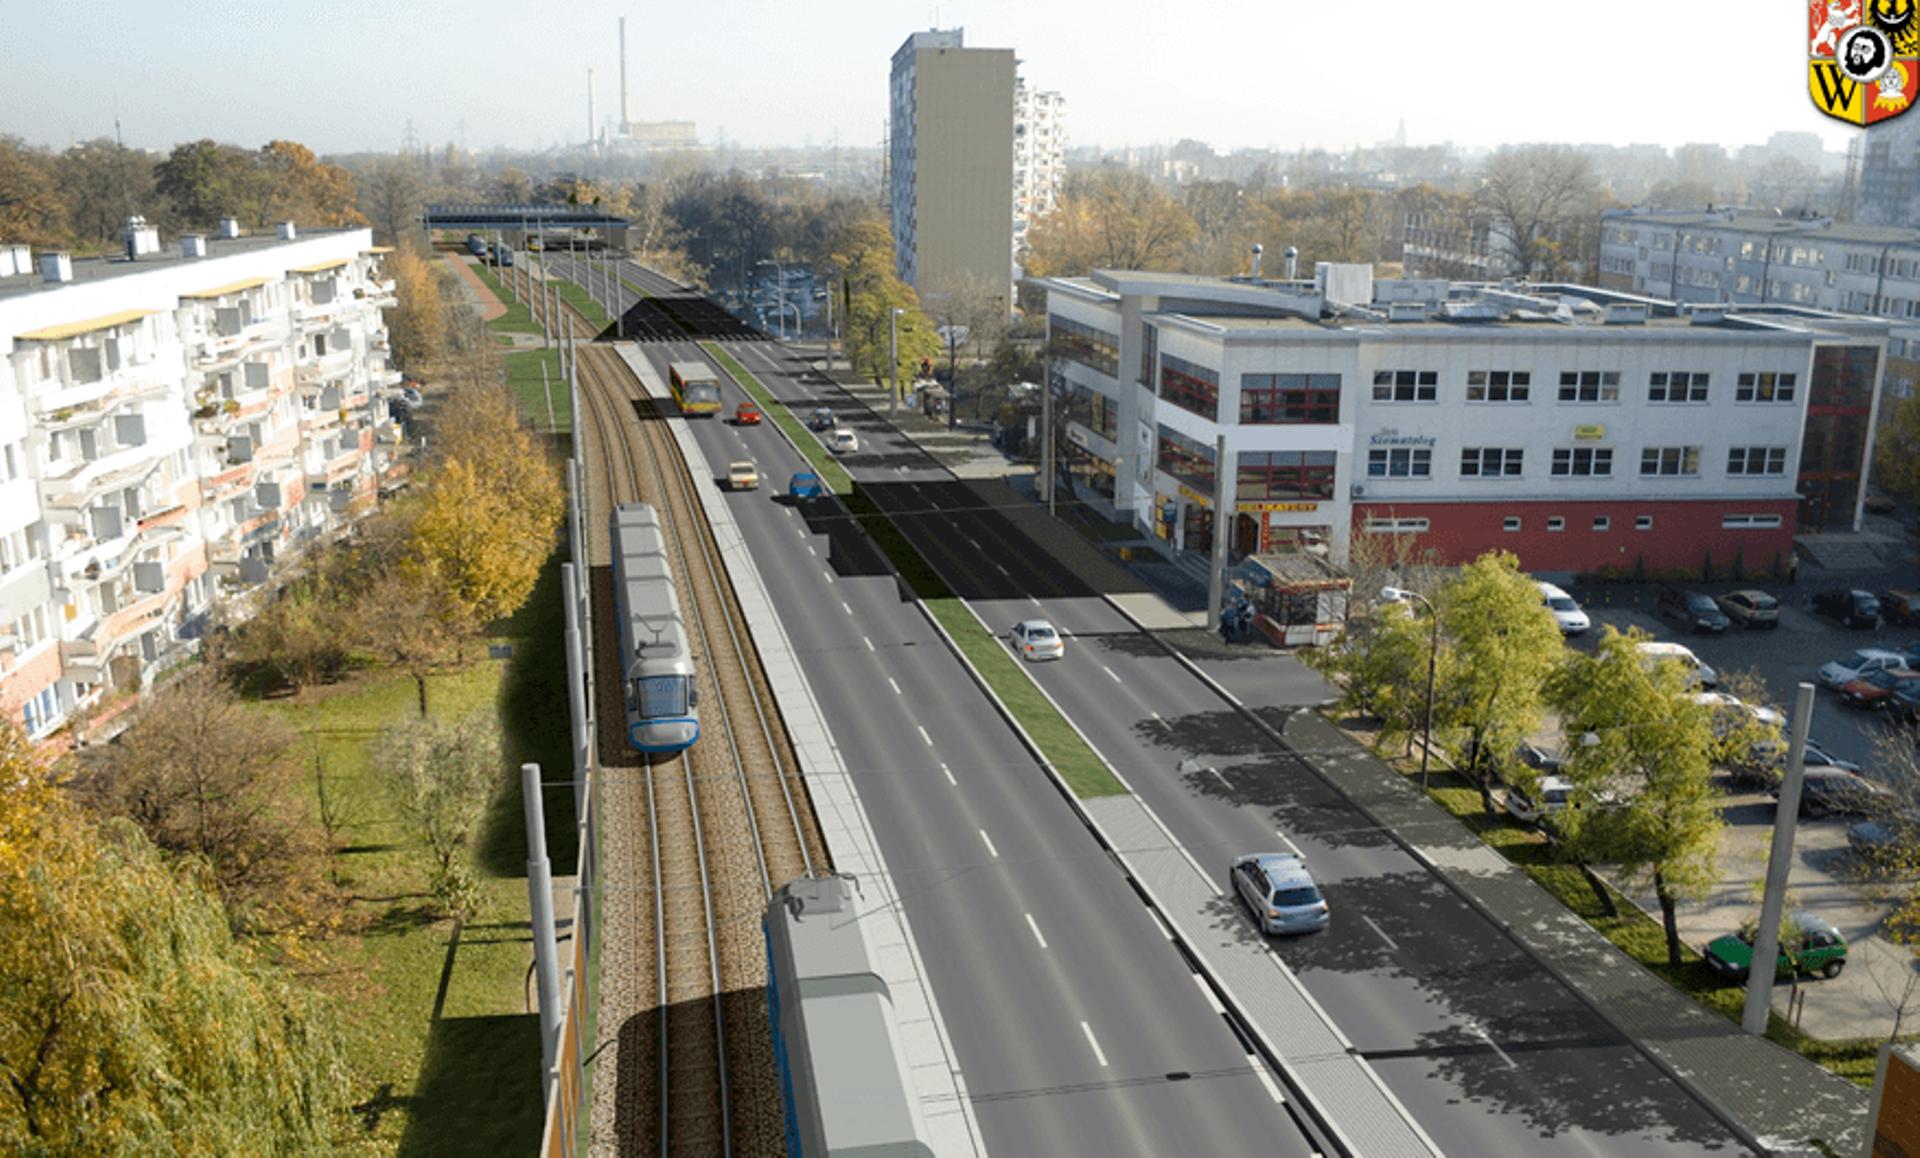 Wrocław: Tramwaj przez Popowice podzielony na etapy. Miasto szuka wykonawcy